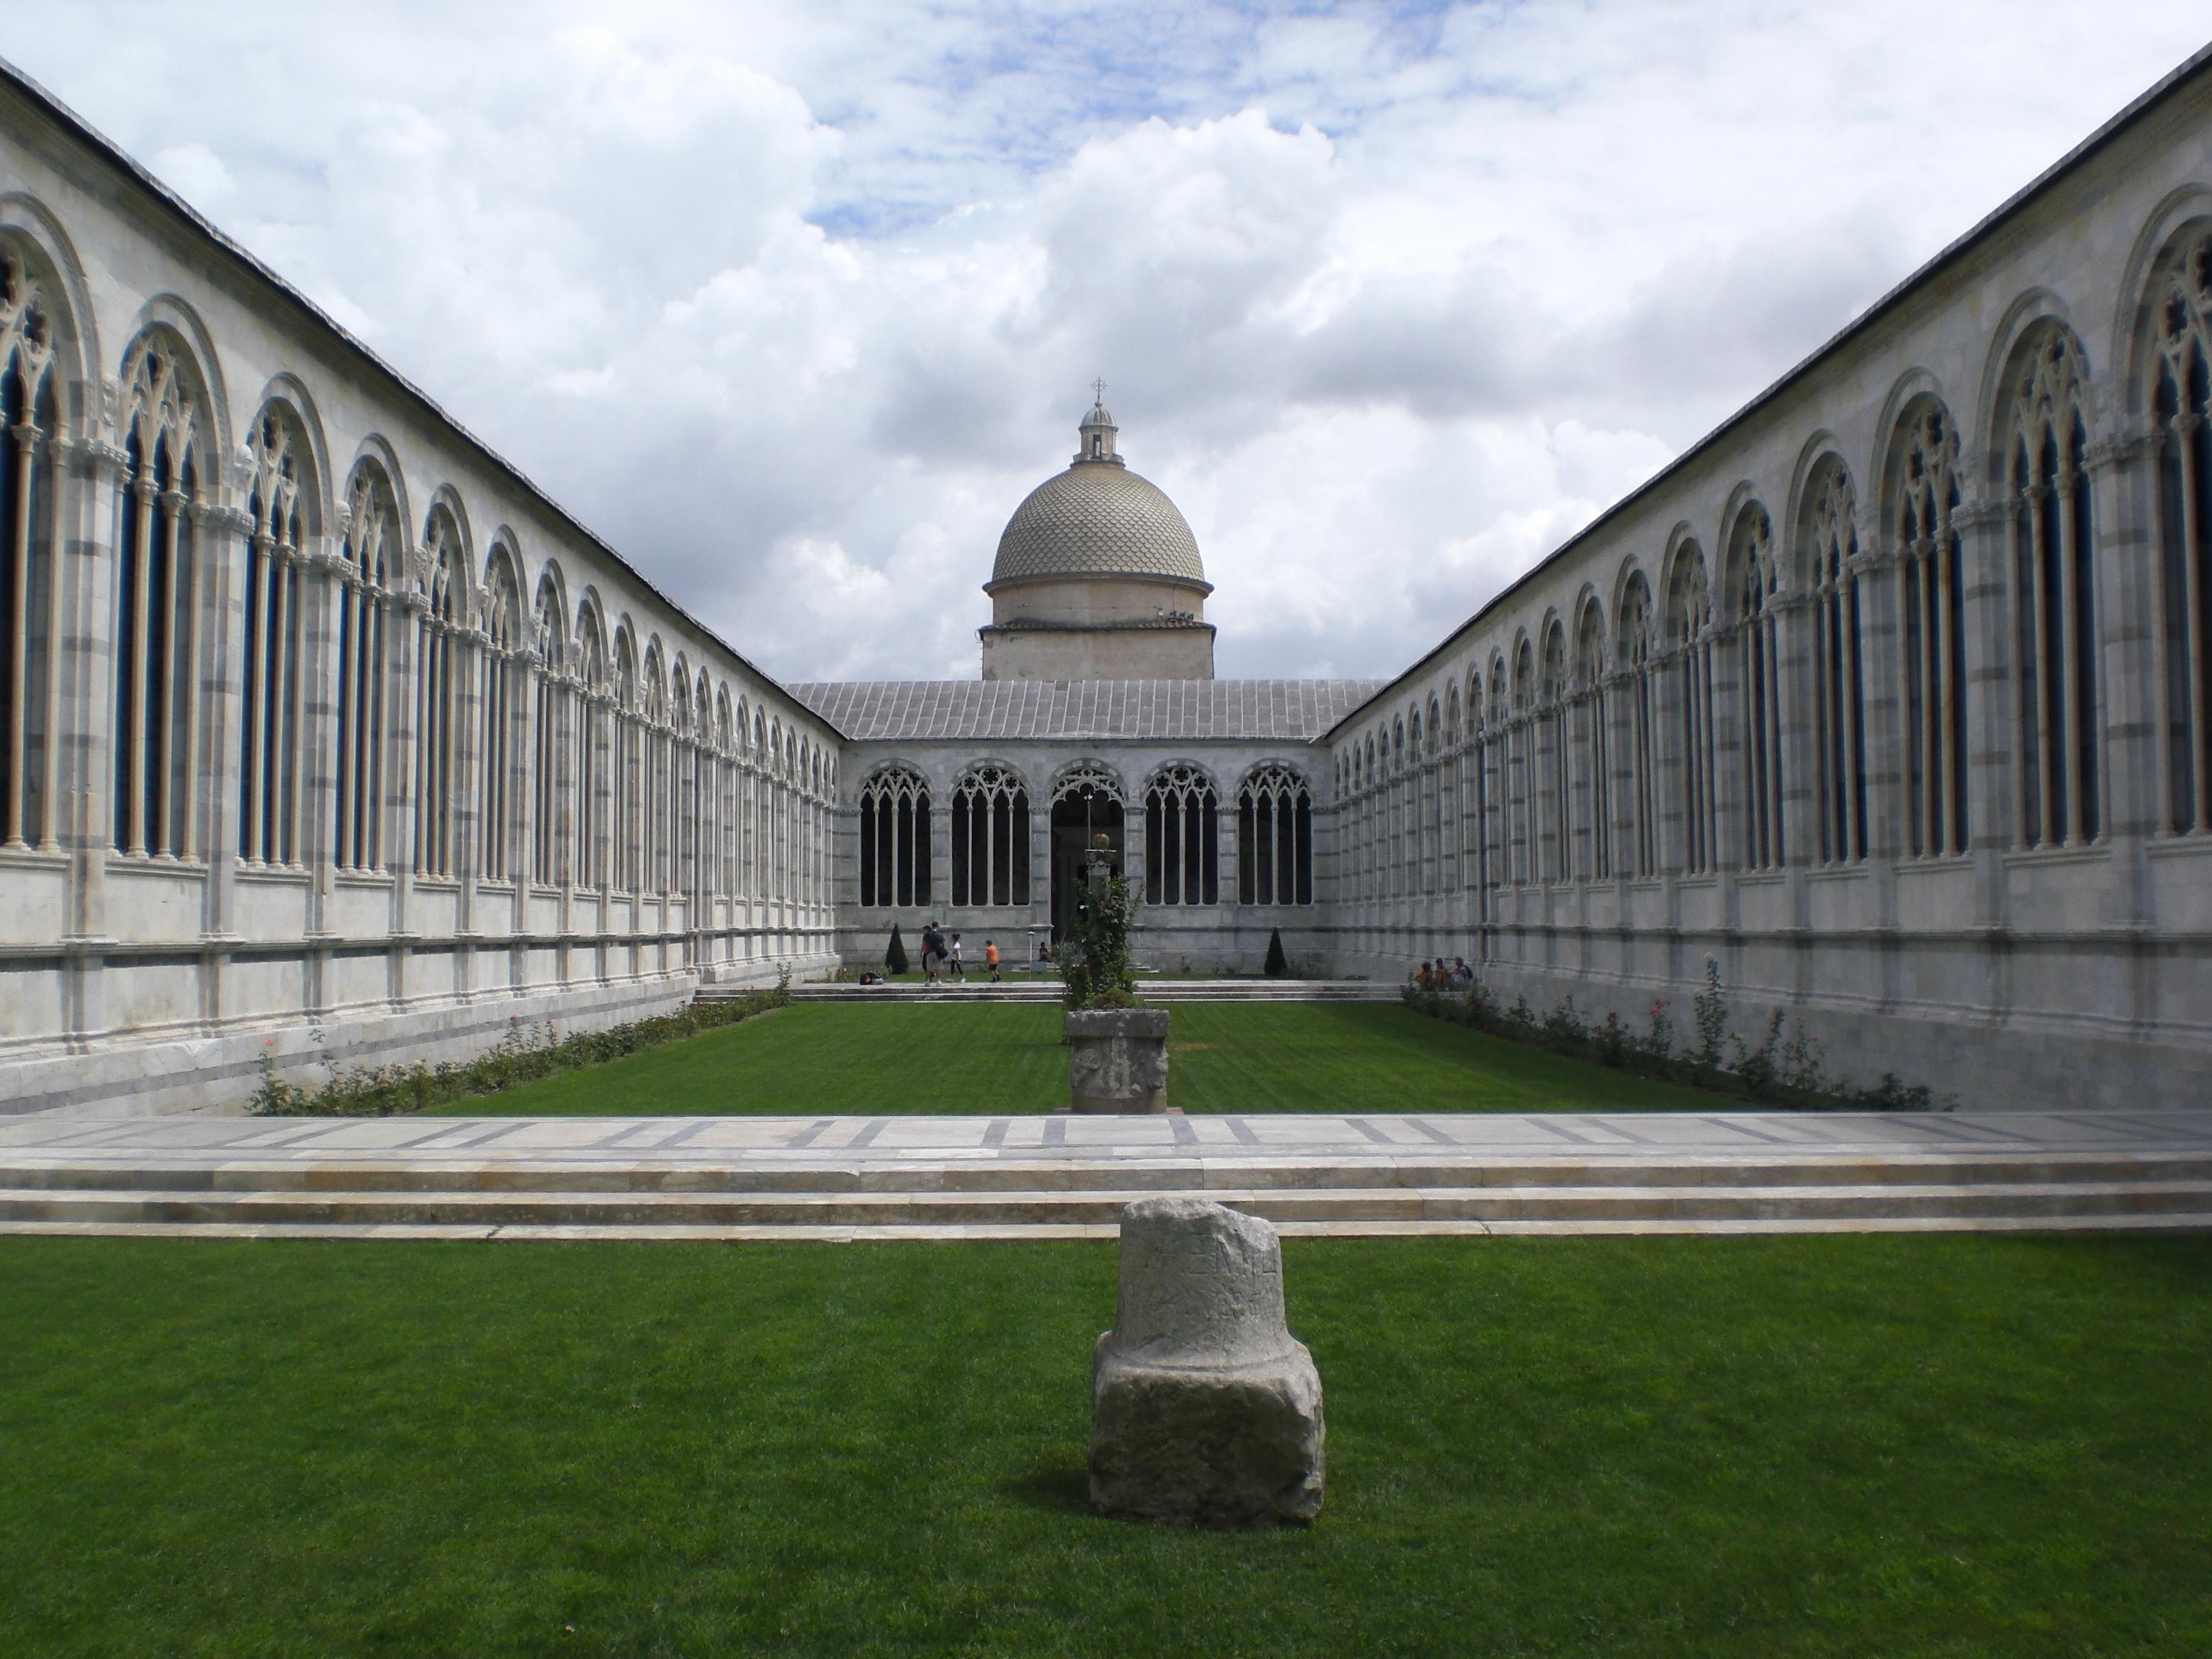 Camposanto_Monumentale,_Pisa,_Tuscany,_Italy